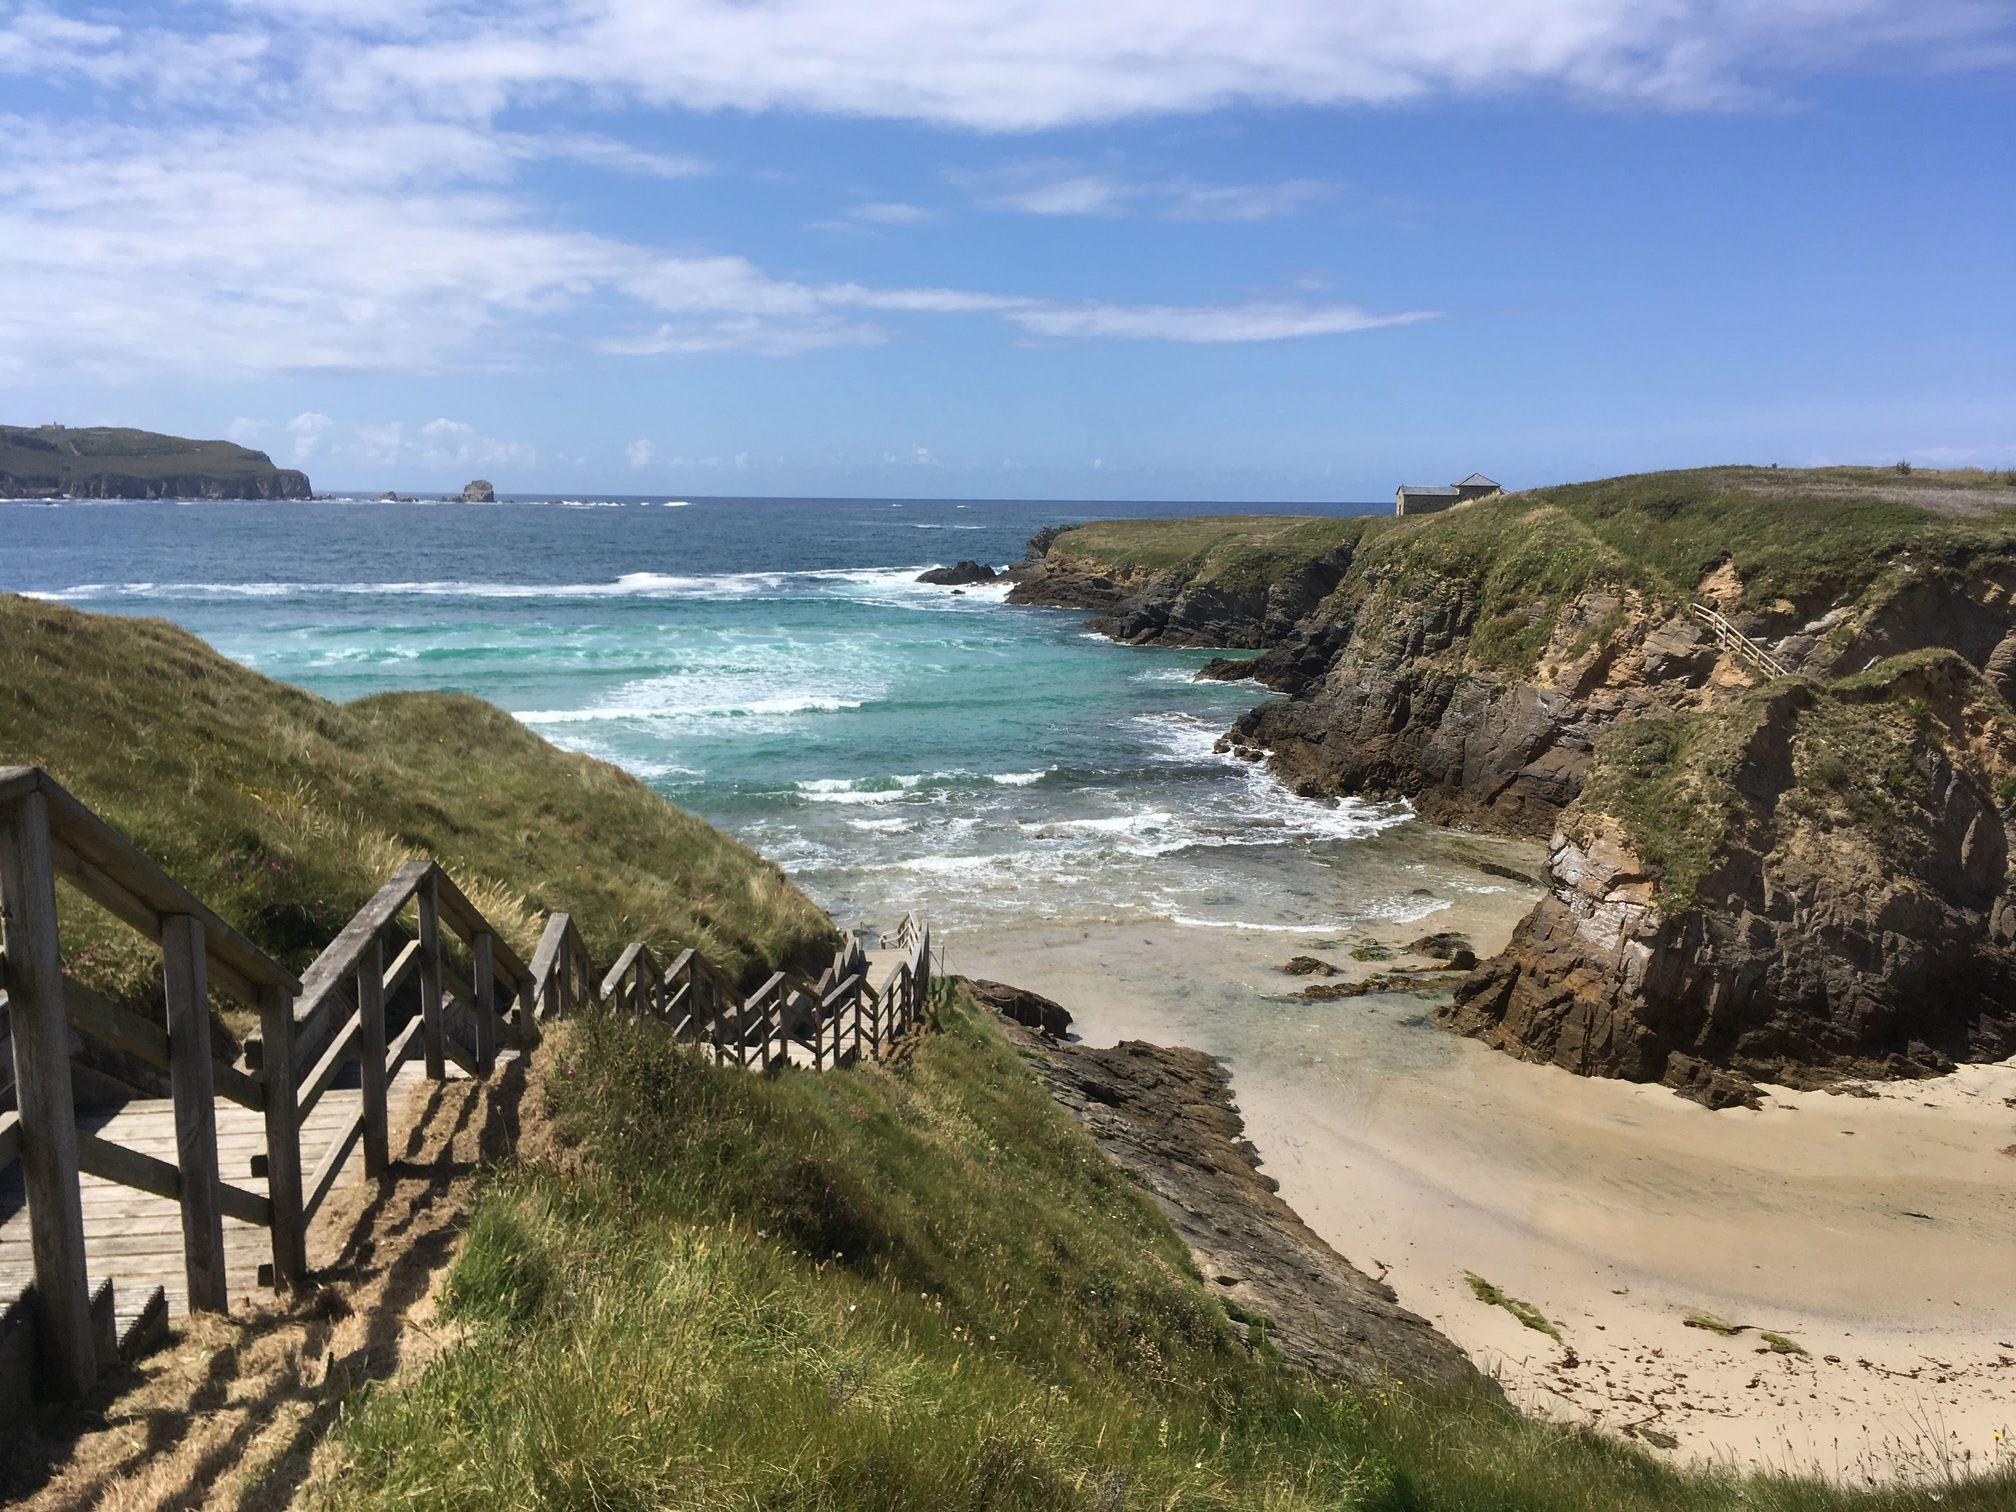 Treppe zum Strand mit Blick auf abgelegene Insel mit Kirche bei Sonnenschein